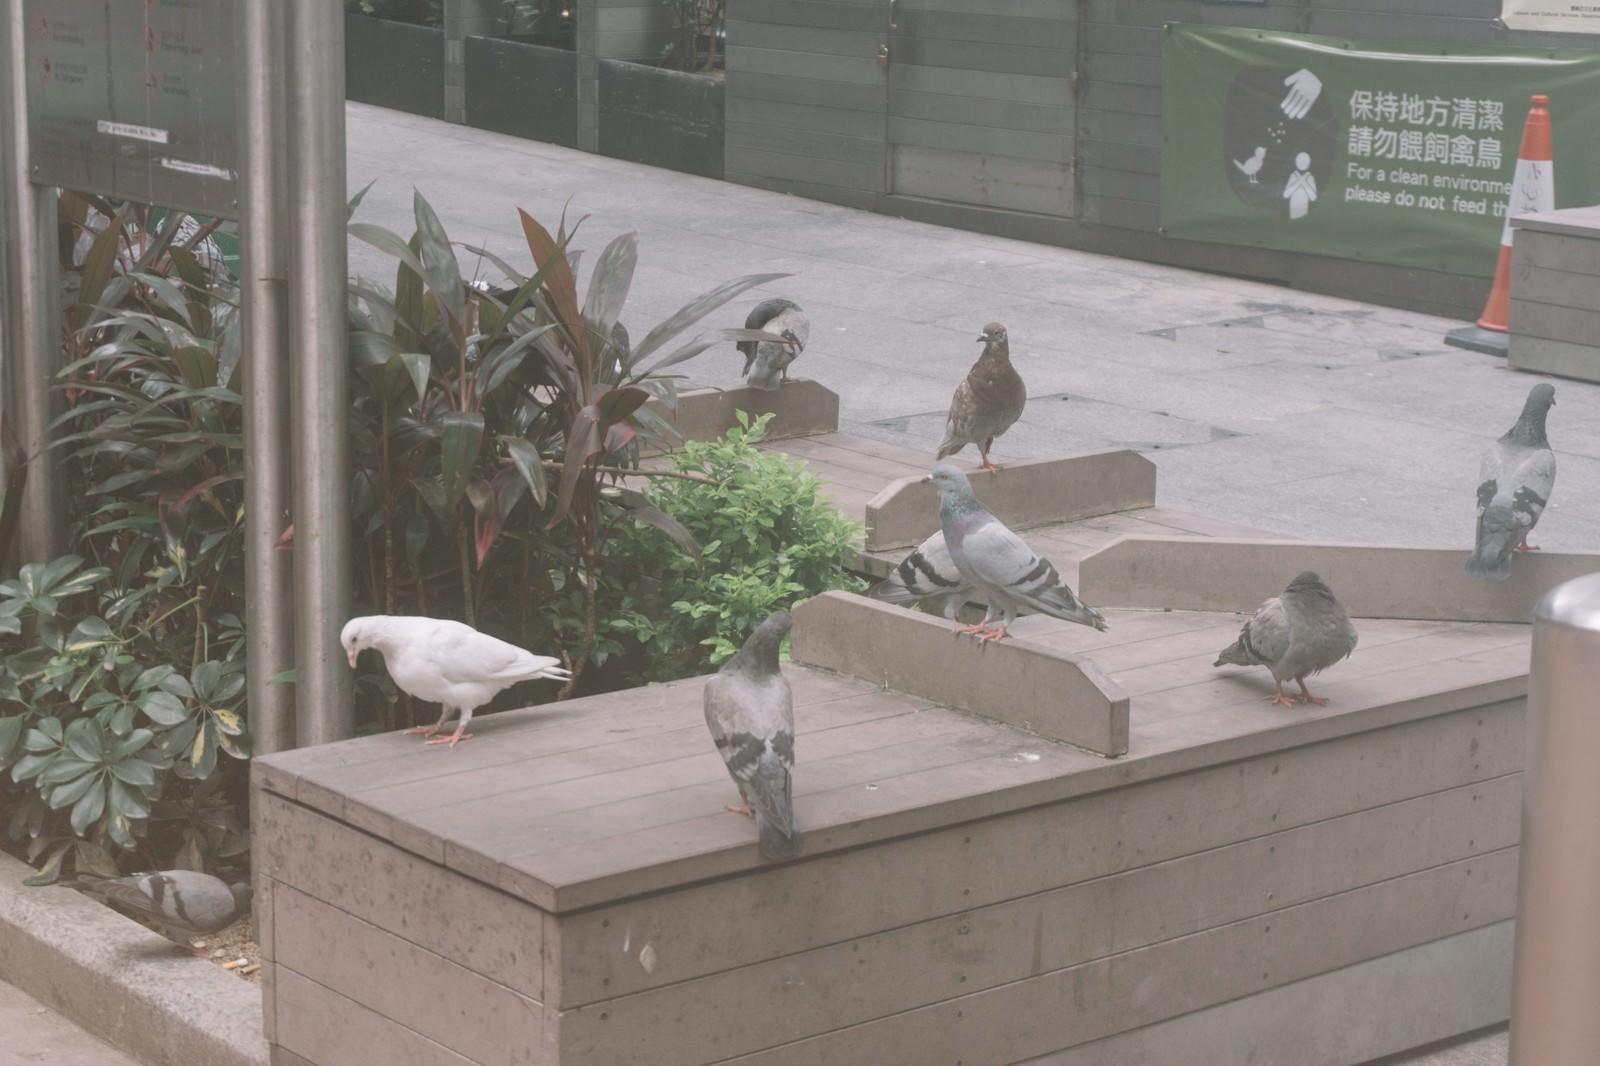 「鳩に餌を与えないで(保持方清潔)」の写真